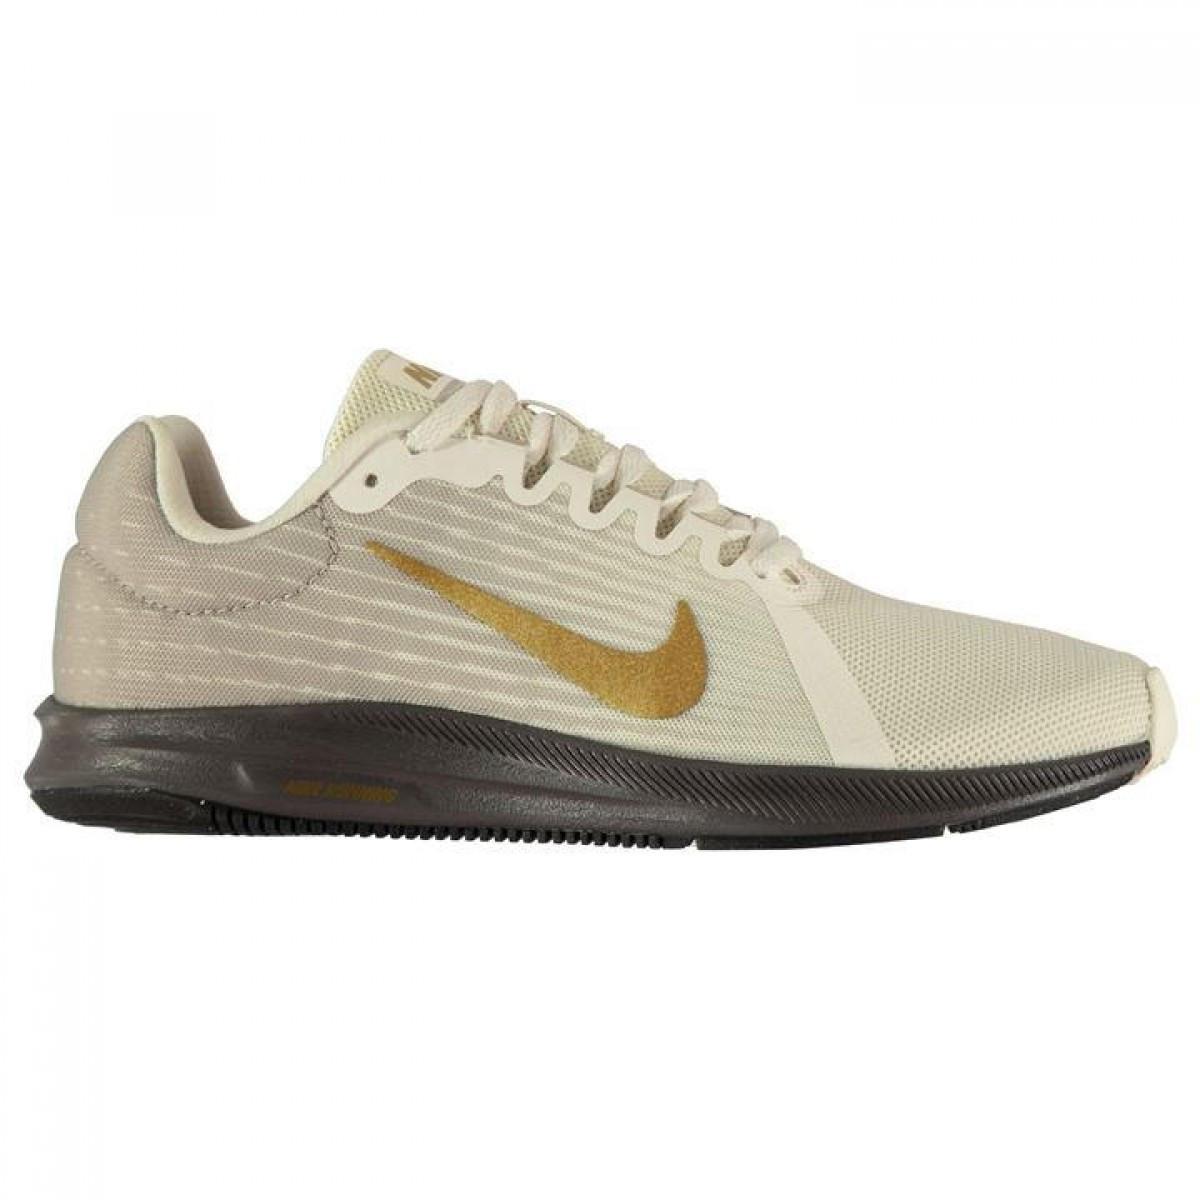 1b79fd6f Кроссовки Nike Downshifter 8 Grey/Gold - Оригинал — в Категории ...